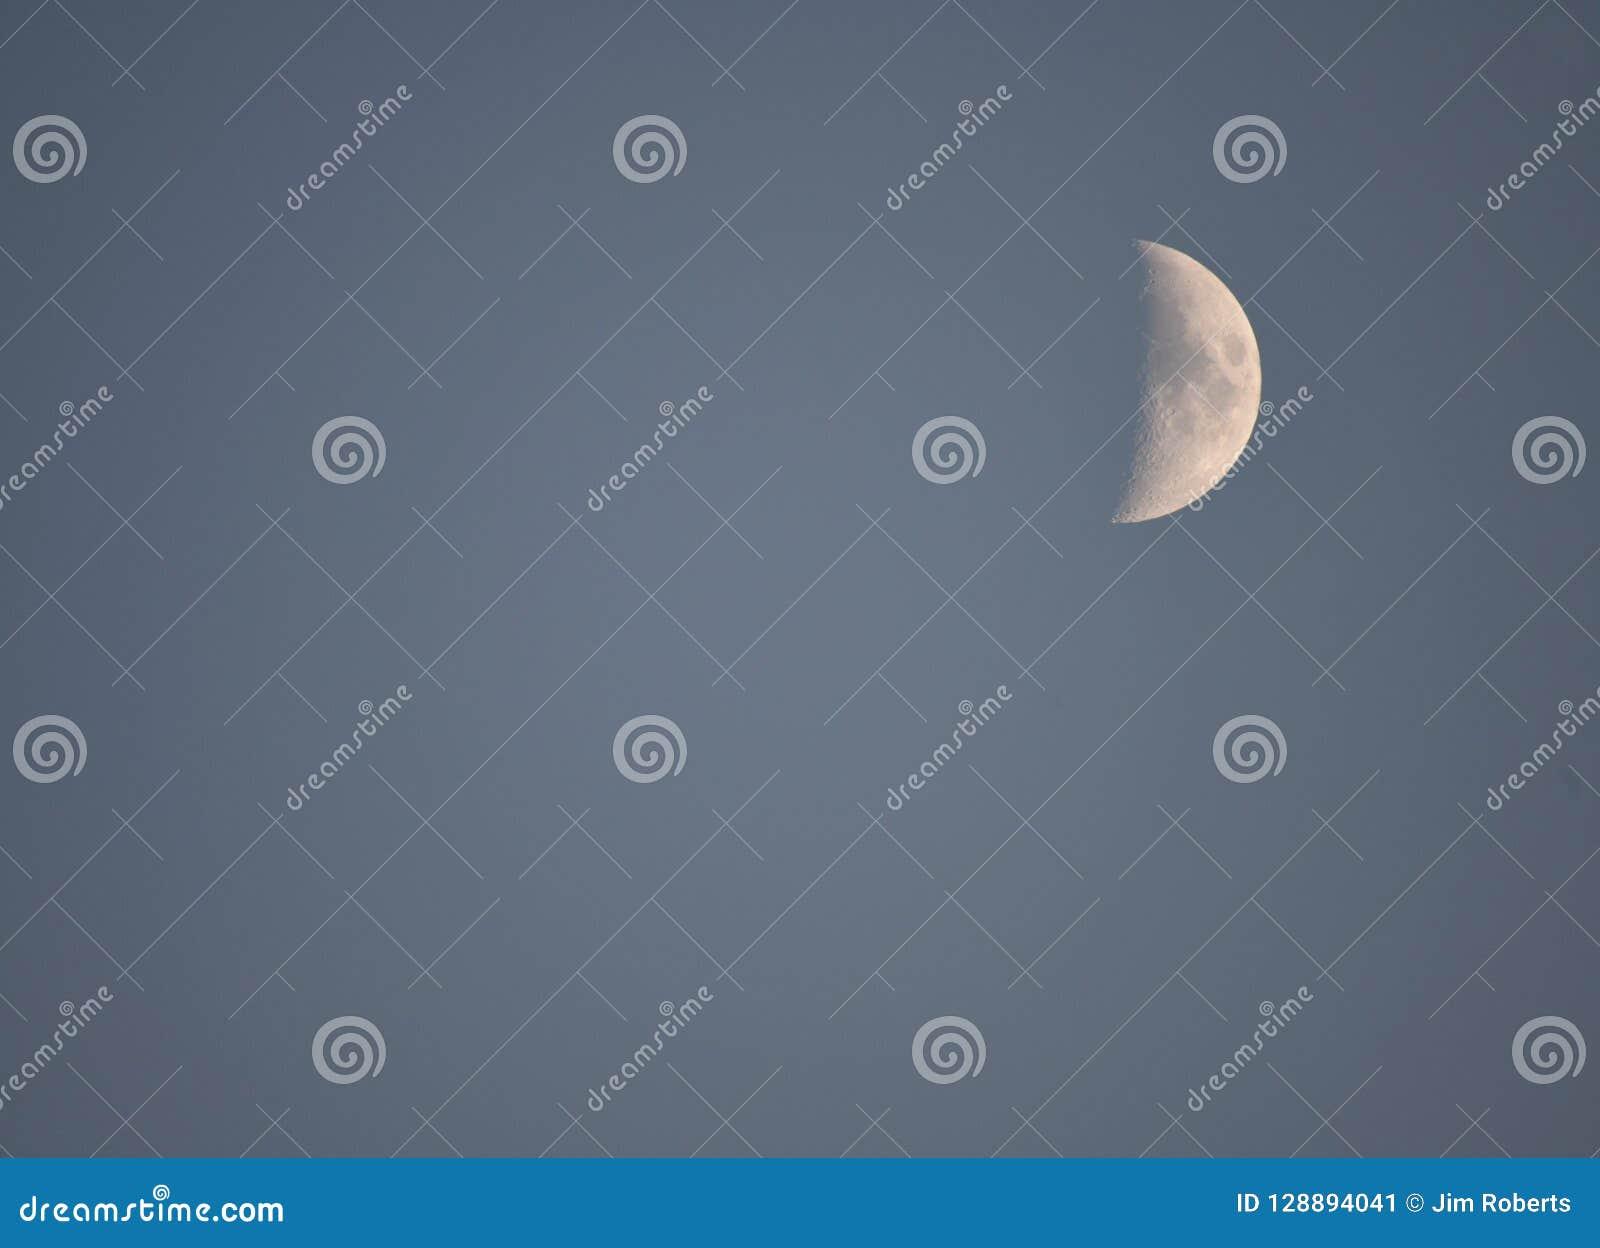 43 8  In de was zettend Crescent Moon